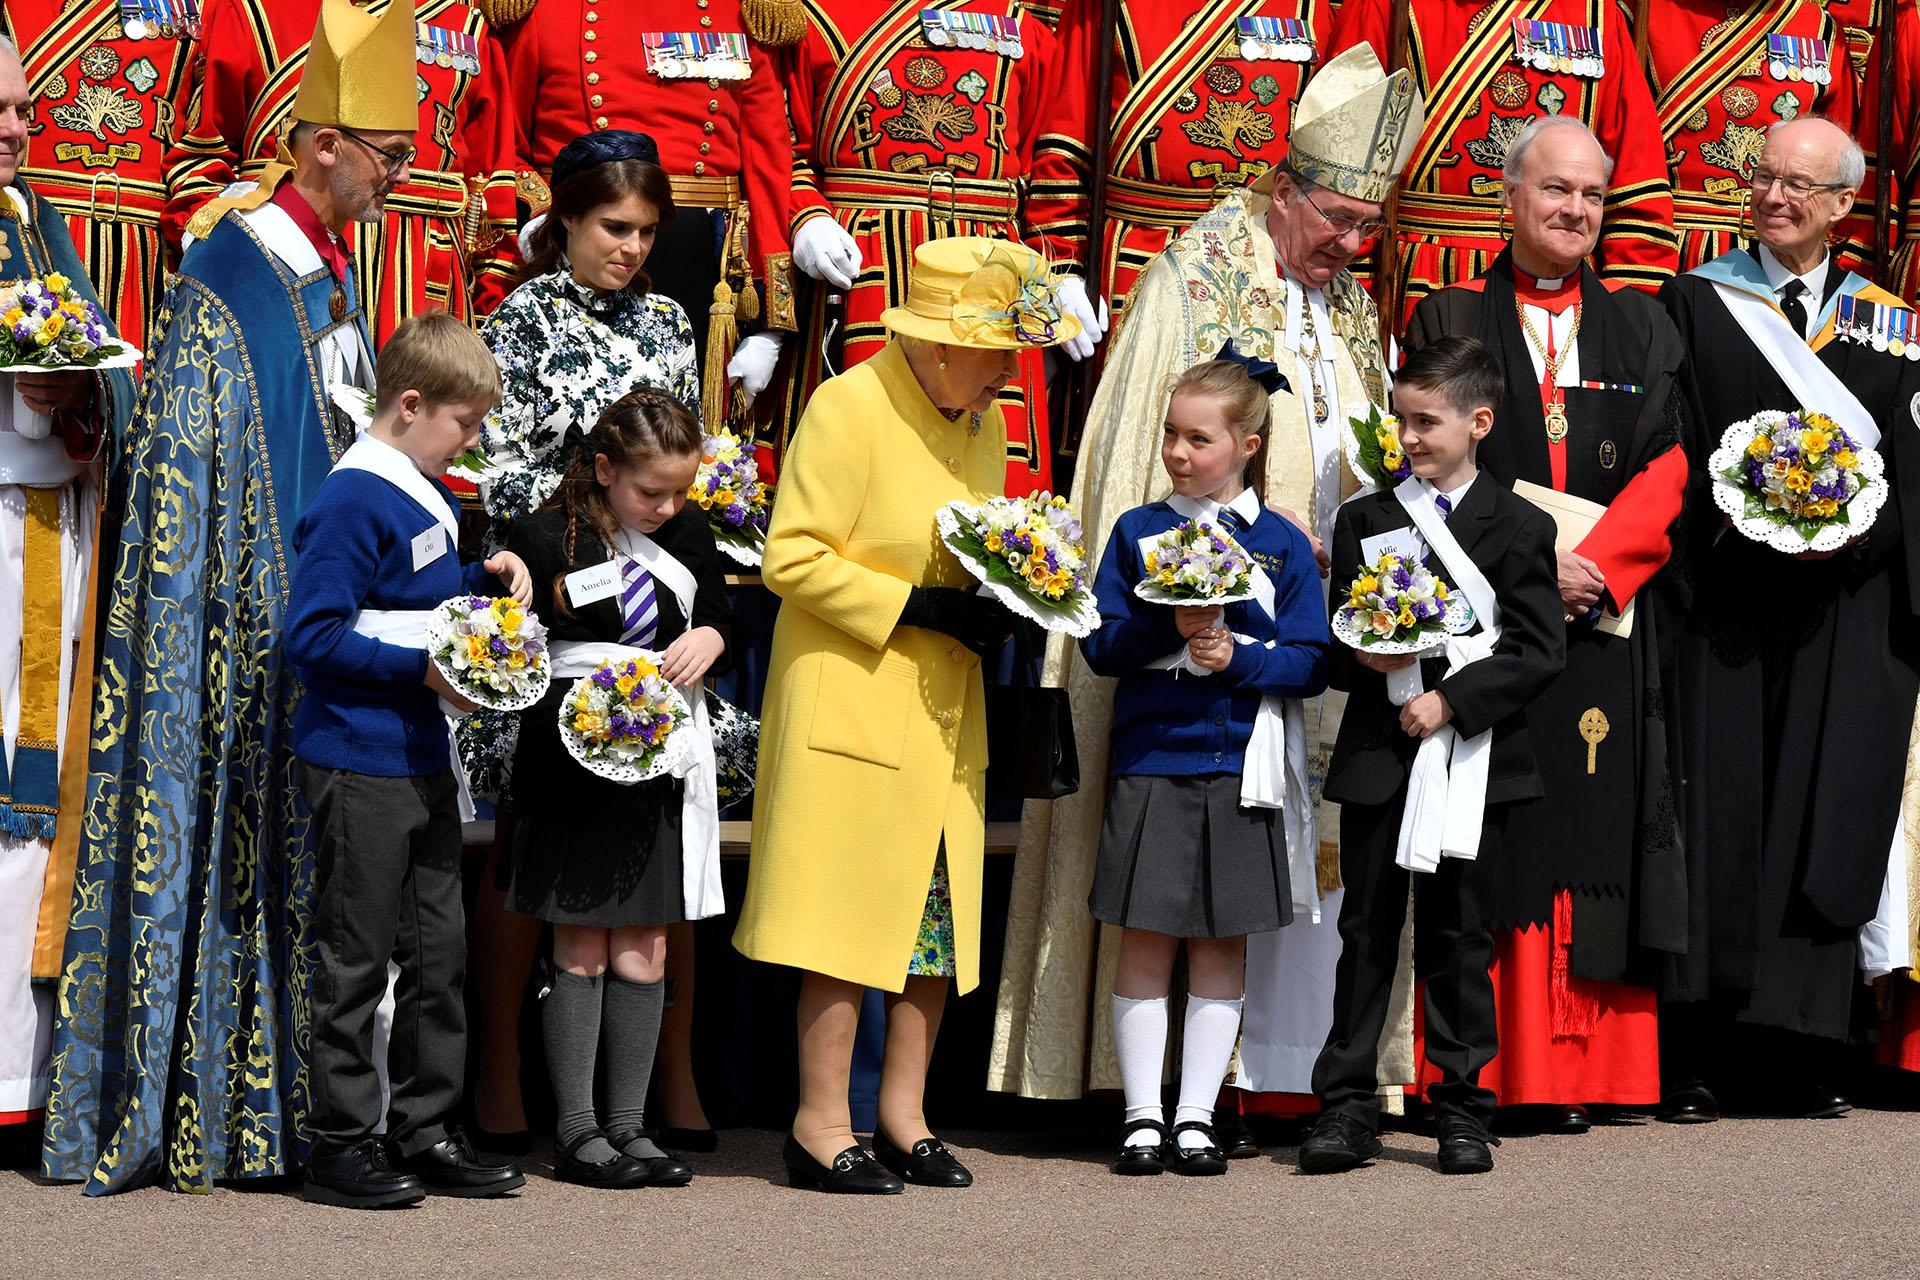 La monarca recibió un ramo de flores y conversó con los niños /// Fotos: Reuters